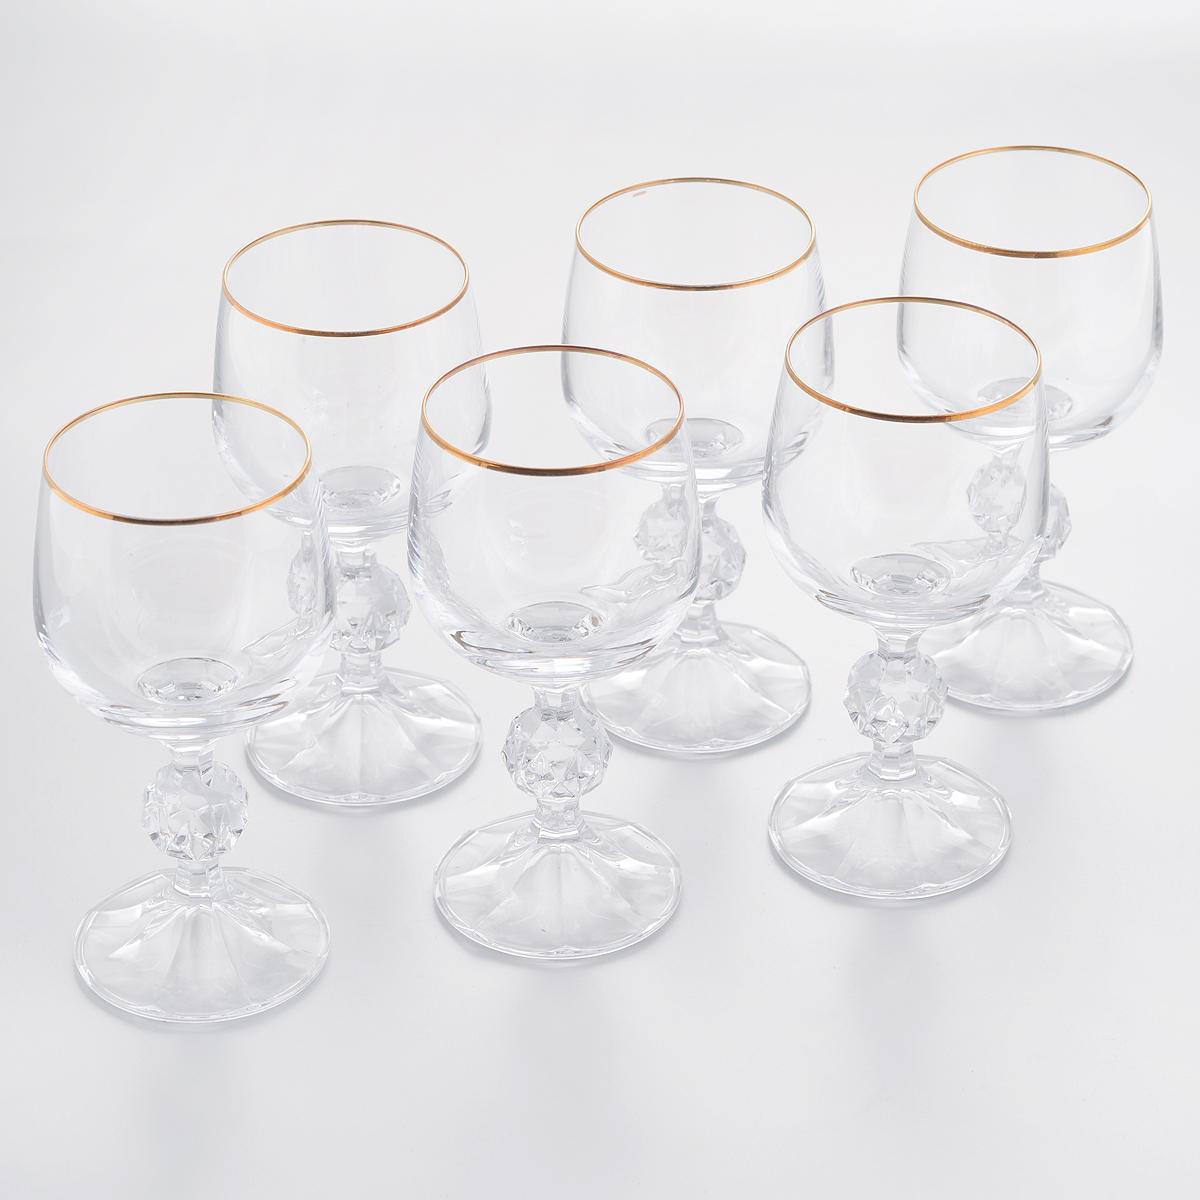 Набор бокалов для белого вина Crystalite Bohemia Klaudie, 150 мл, 6 шт40149/150/20733SНабор Crystalite Bohemia Klaudie состоит из шести бокалов, выполненных из прочного выдувного стекла. Изделия имеют низкие граненые ножки, верхняя кромка украшена золотой эмалью. Бокалы излучают приятный блеск и издают мелодичный звон. Предназначены для белого вина. Набор бокалов Crystalite Bohemia Klaudie прекрасно оформит праздничный стол и создаст приятную атмосферу за романтическим ужином. Такой набор также станет хорошим подарком к любому случаю. Не использовать в посудомоечной машине и микроволновой печи.